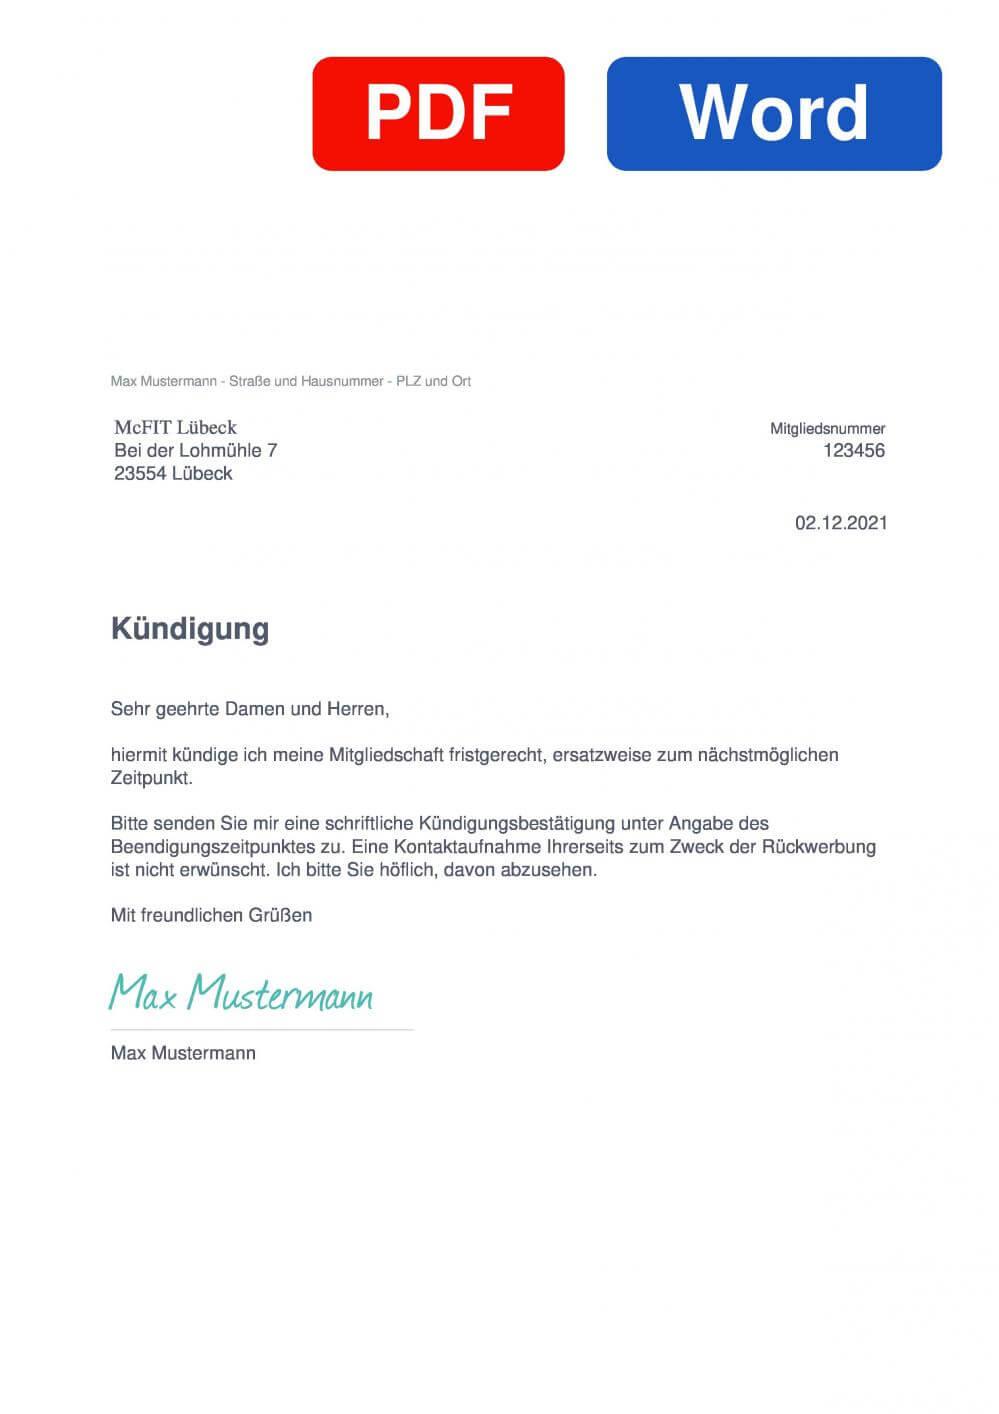 McFIT Lübeck Muster Vorlage für Kündigungsschreiben